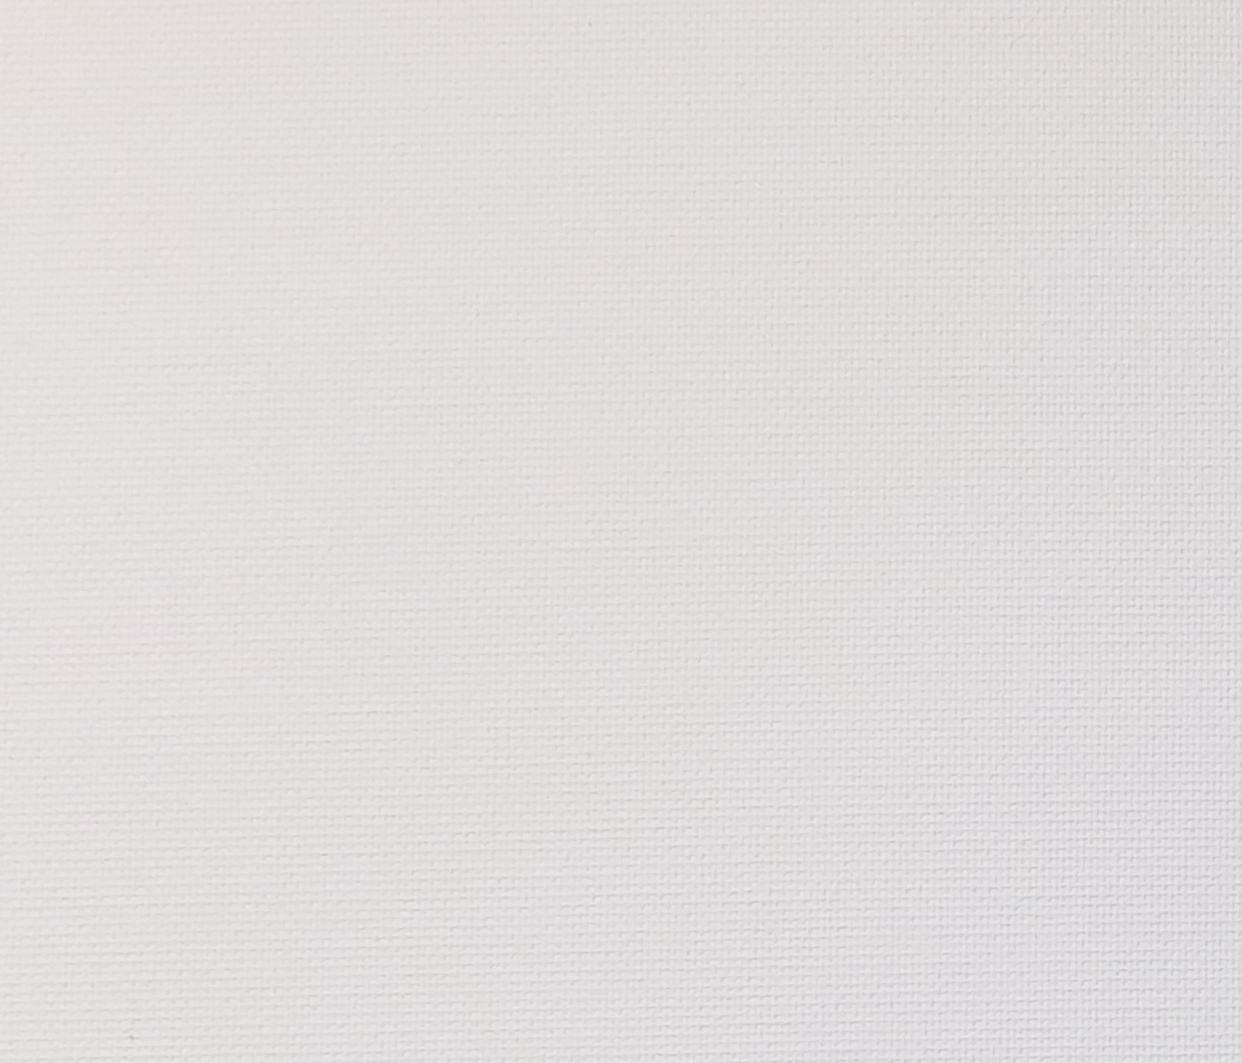 Eden White Blackout Blind Fabric